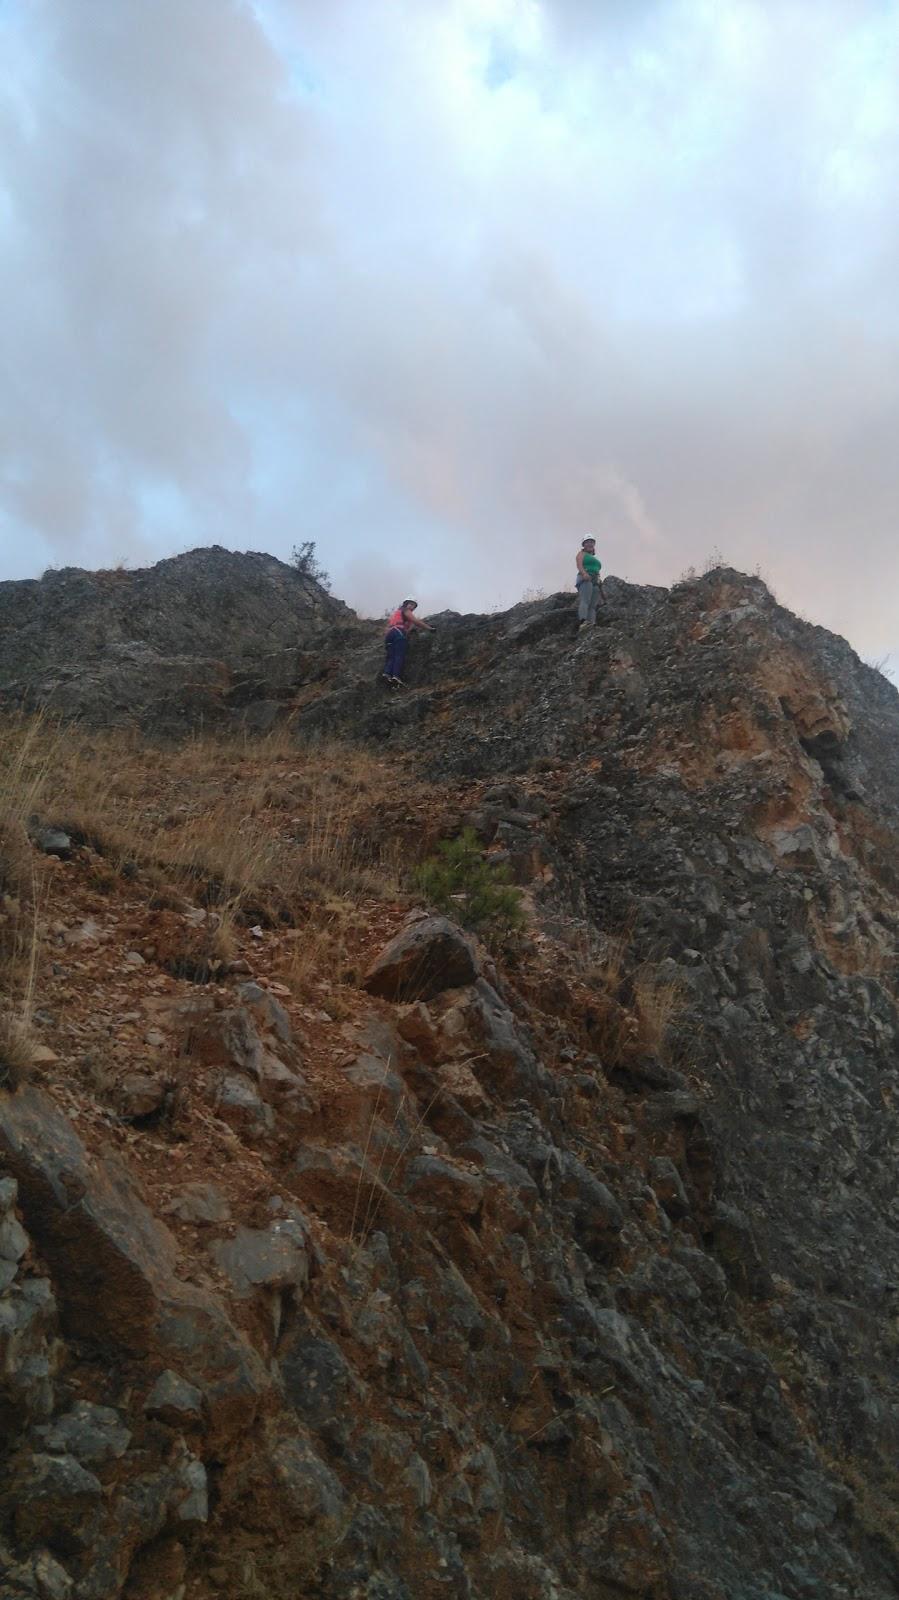 Huerta del Rey